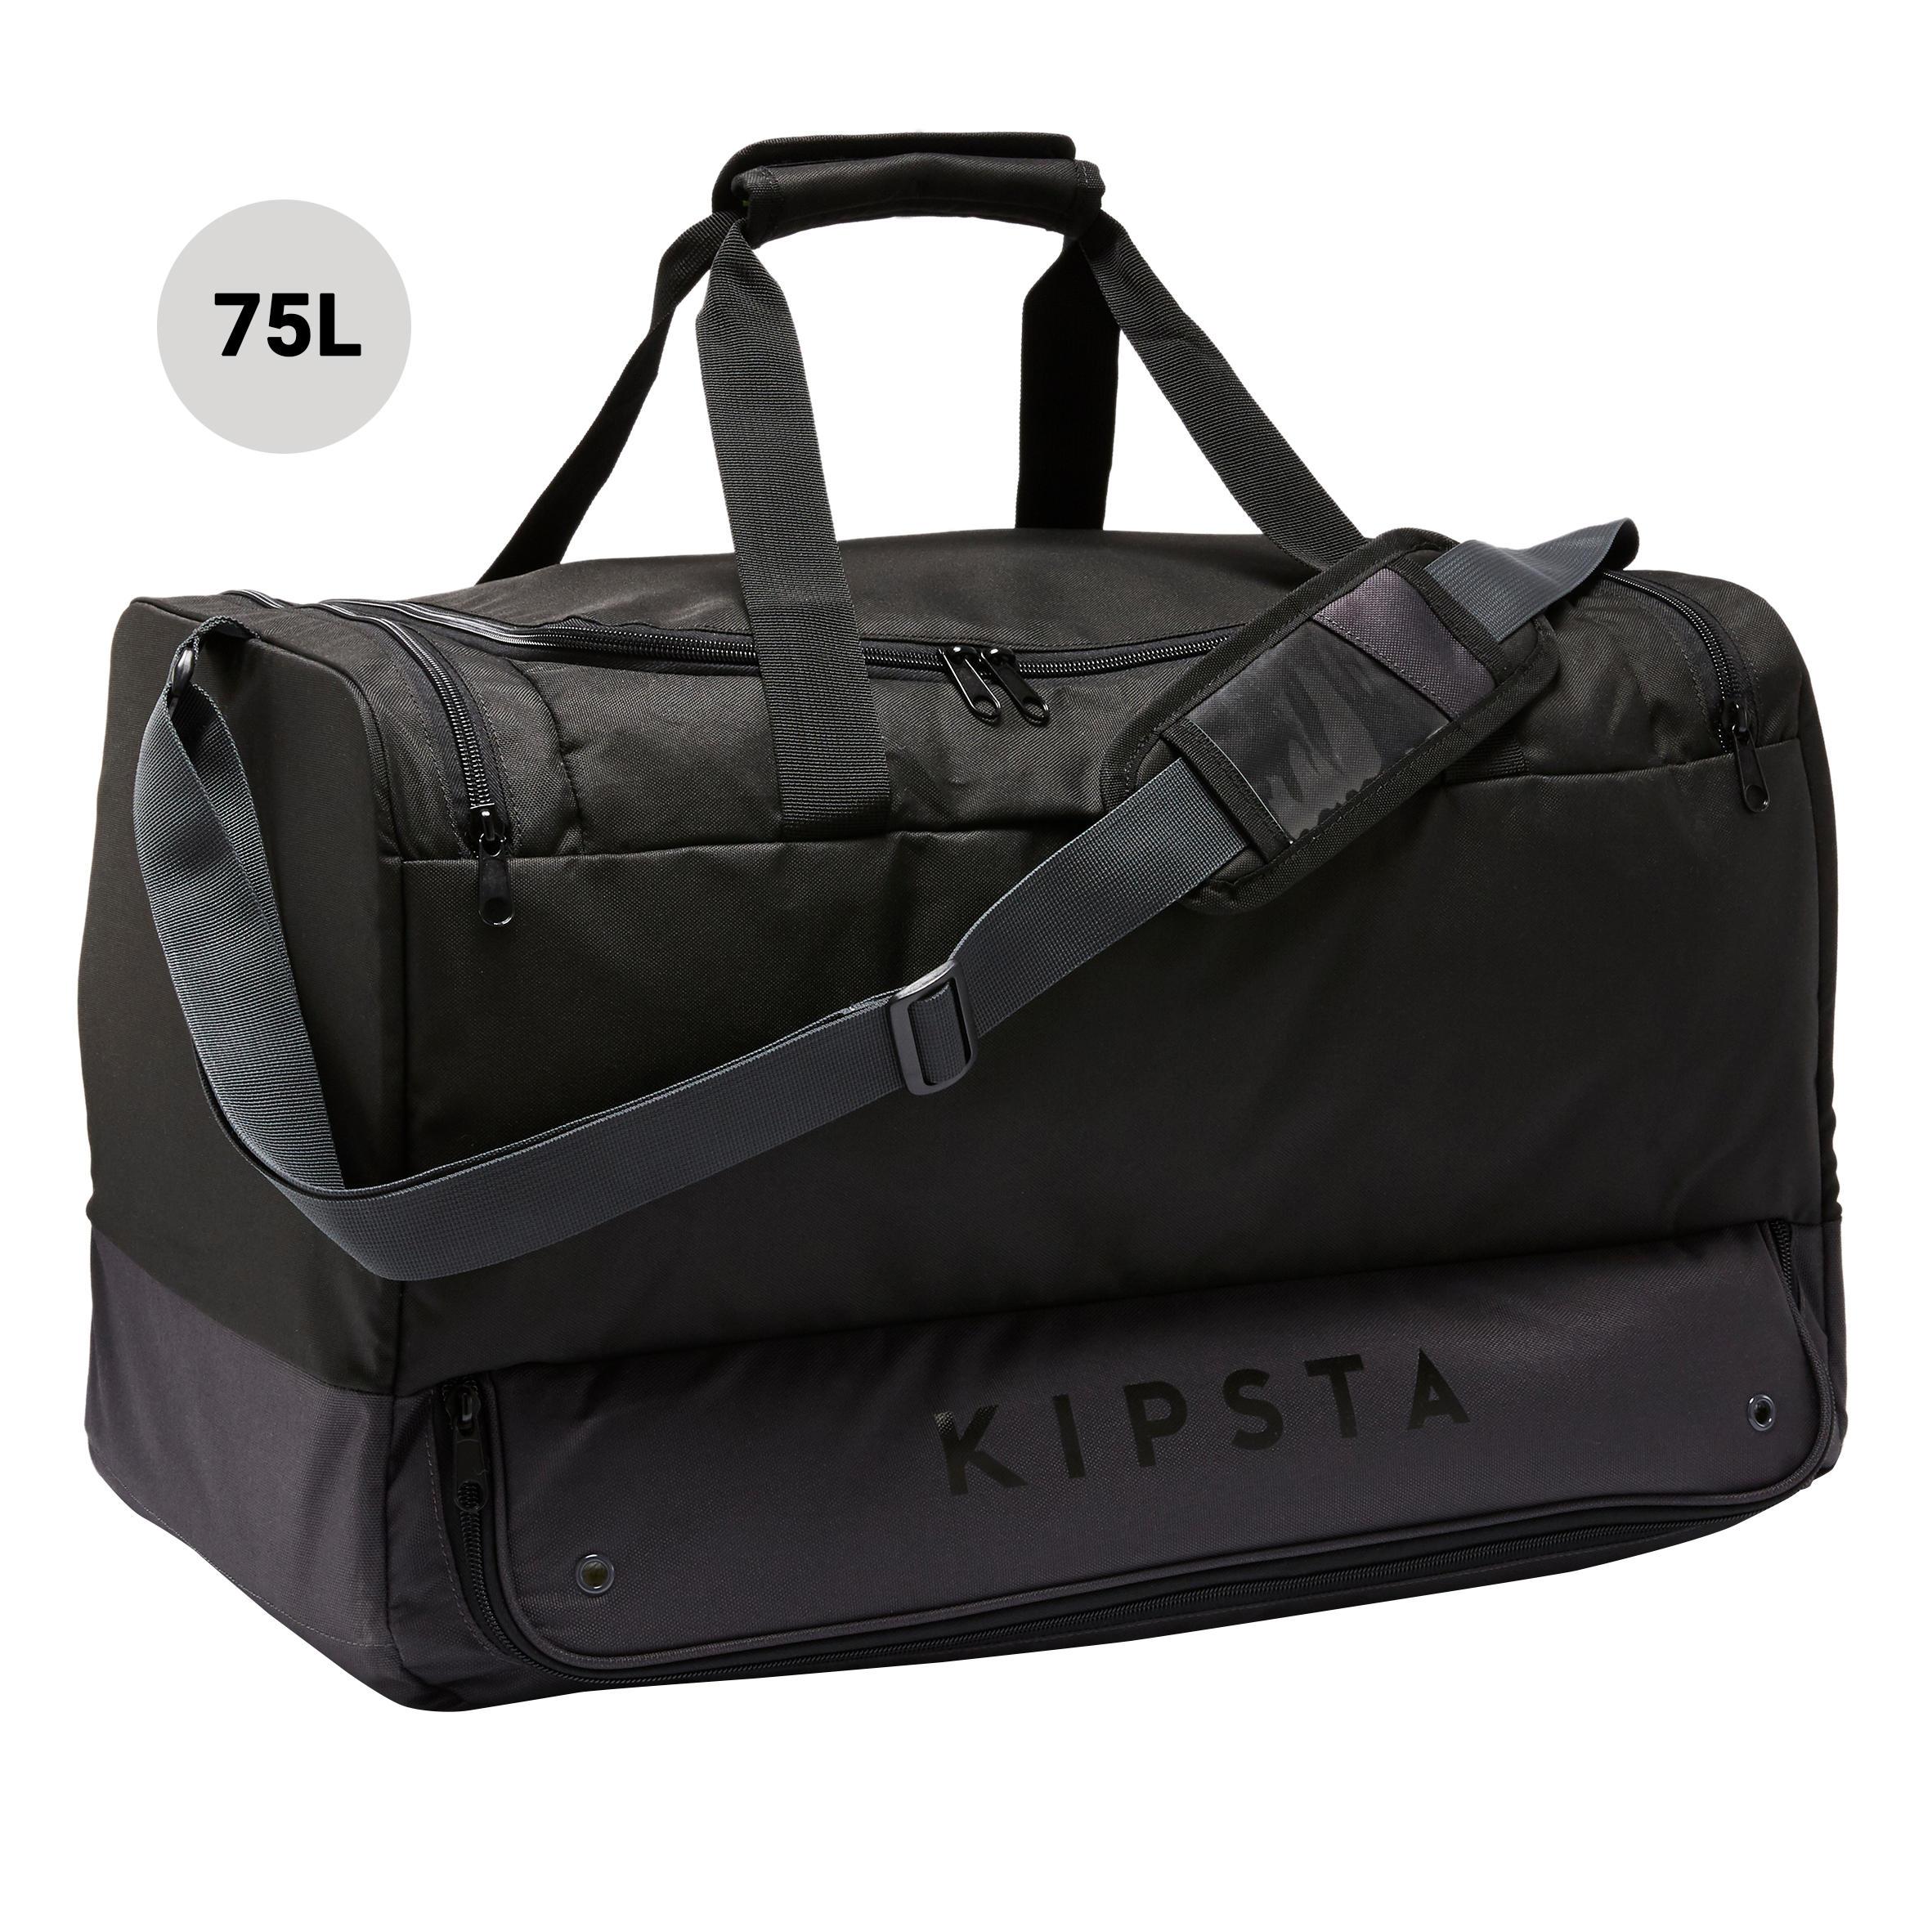 94169a71d6bf8 Sporttaschen